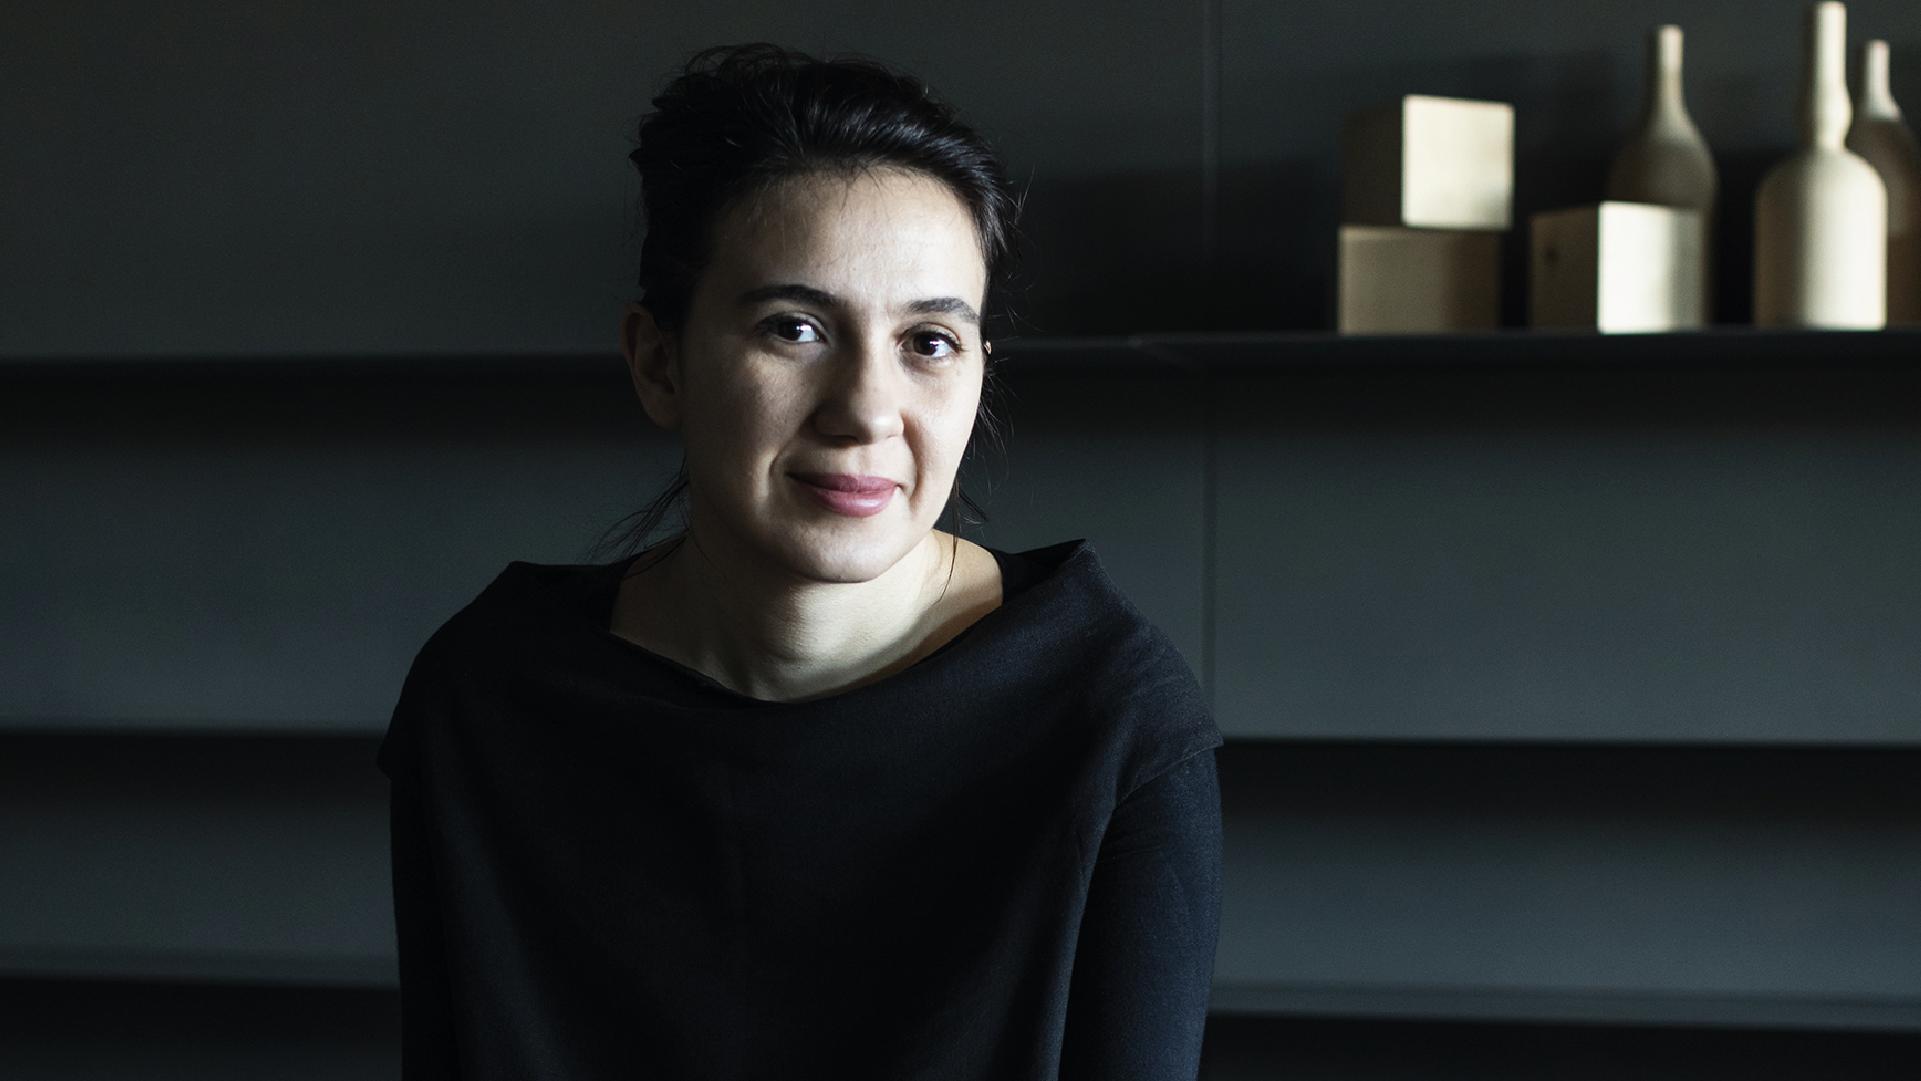 Maria Porro is the new president of Salone del Mobile